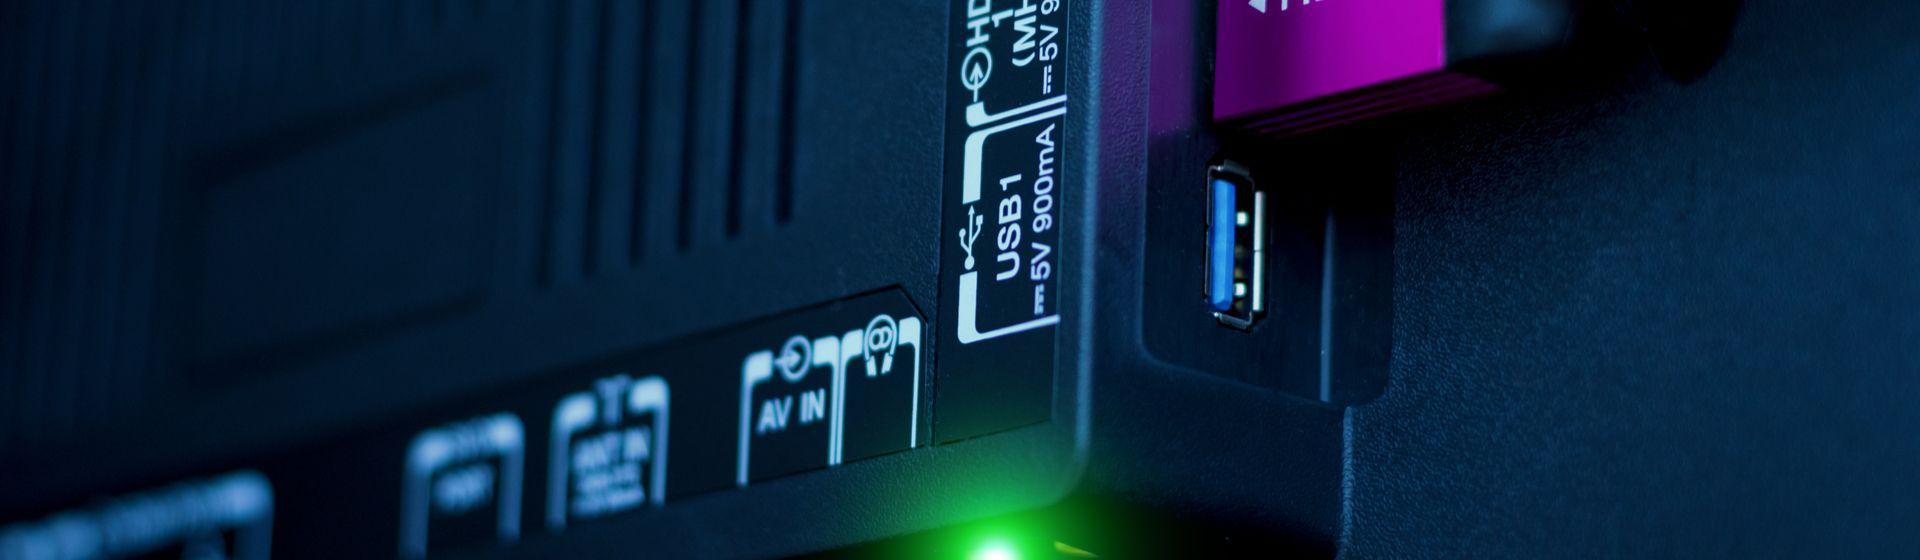 Como usar o USB na TV?